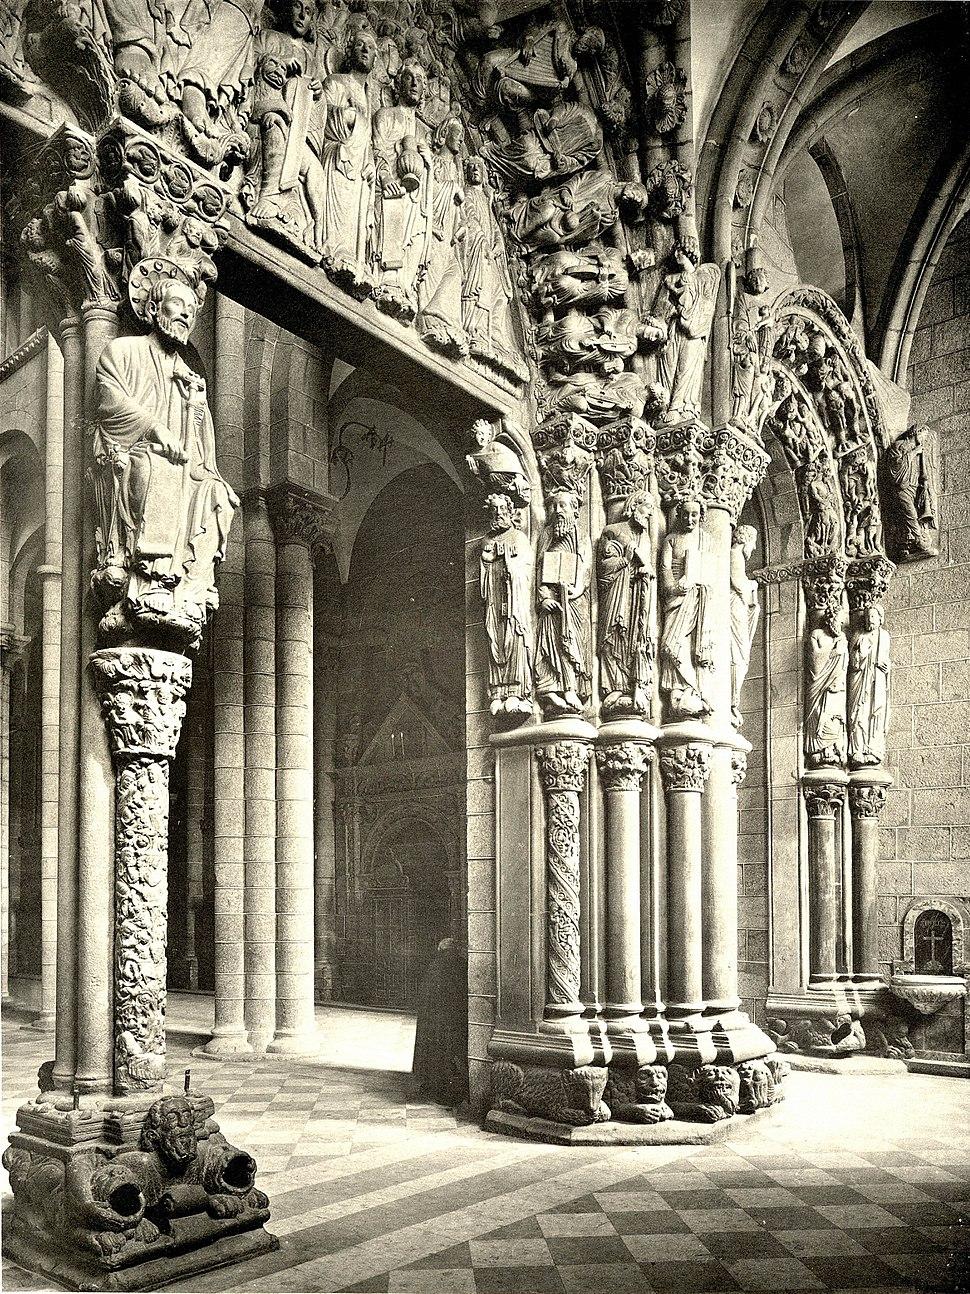 036 Santiago (da Compostela) Portico de la G loria in der Kathedrale